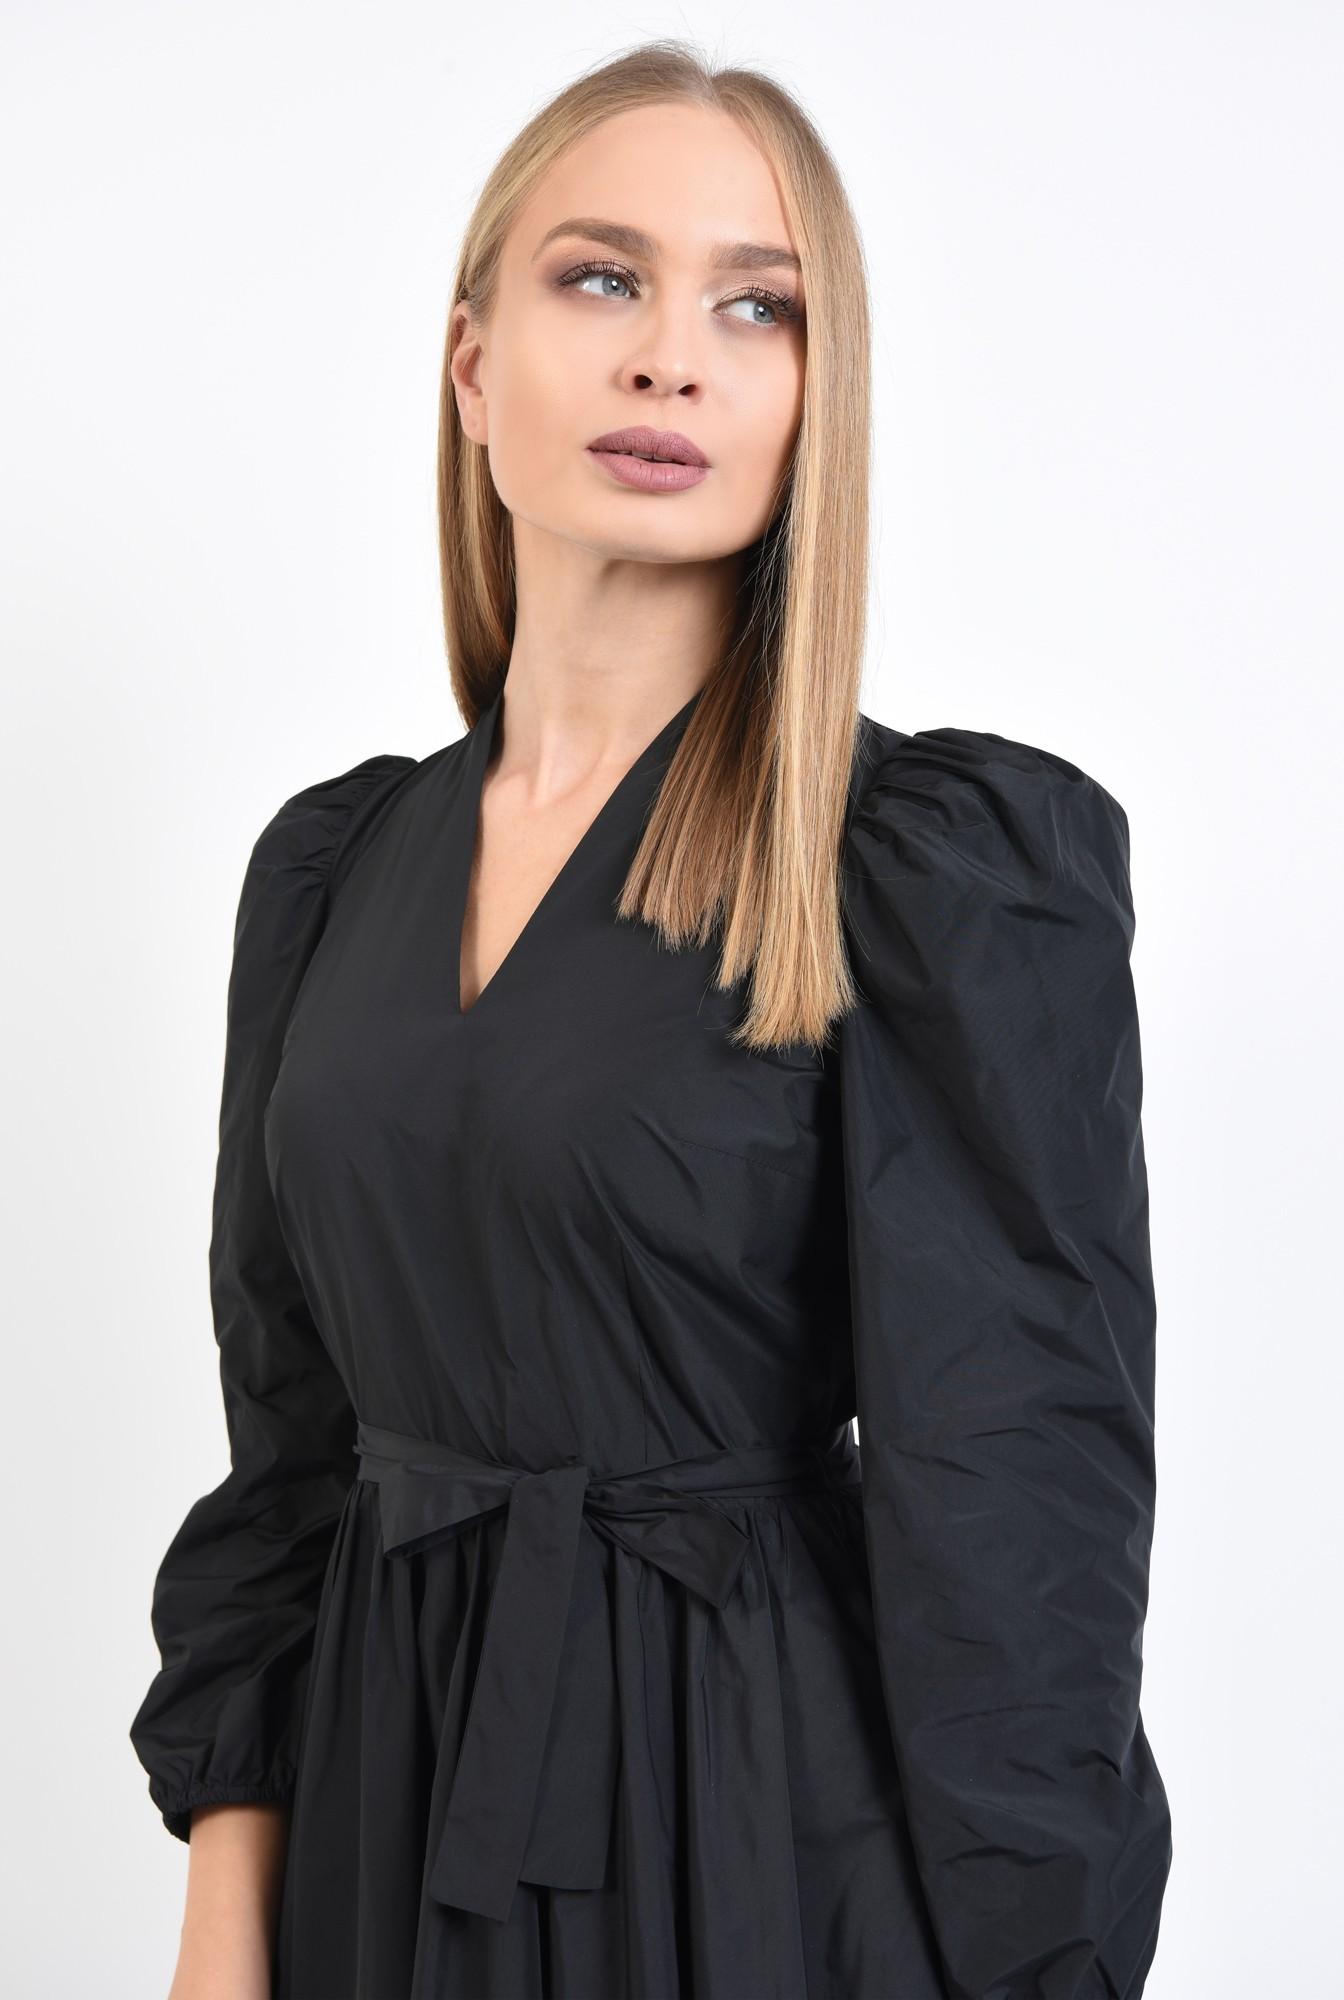 2 - rochie casual, neagra, scurta, maneci lungi bufante, funda la talie